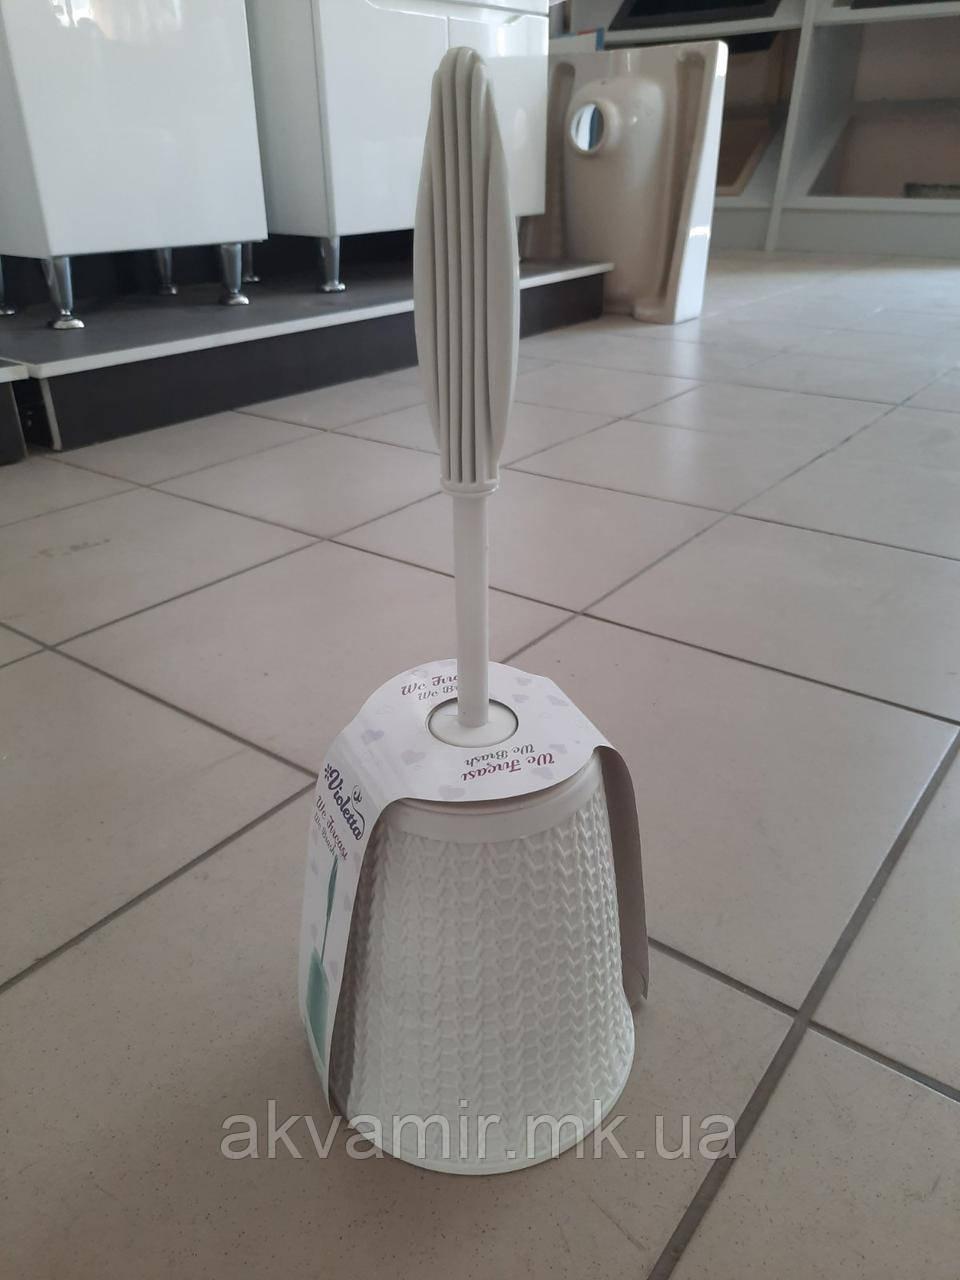 Йоршик для унітазу Віолетта пластиковий підлоговий (білий)